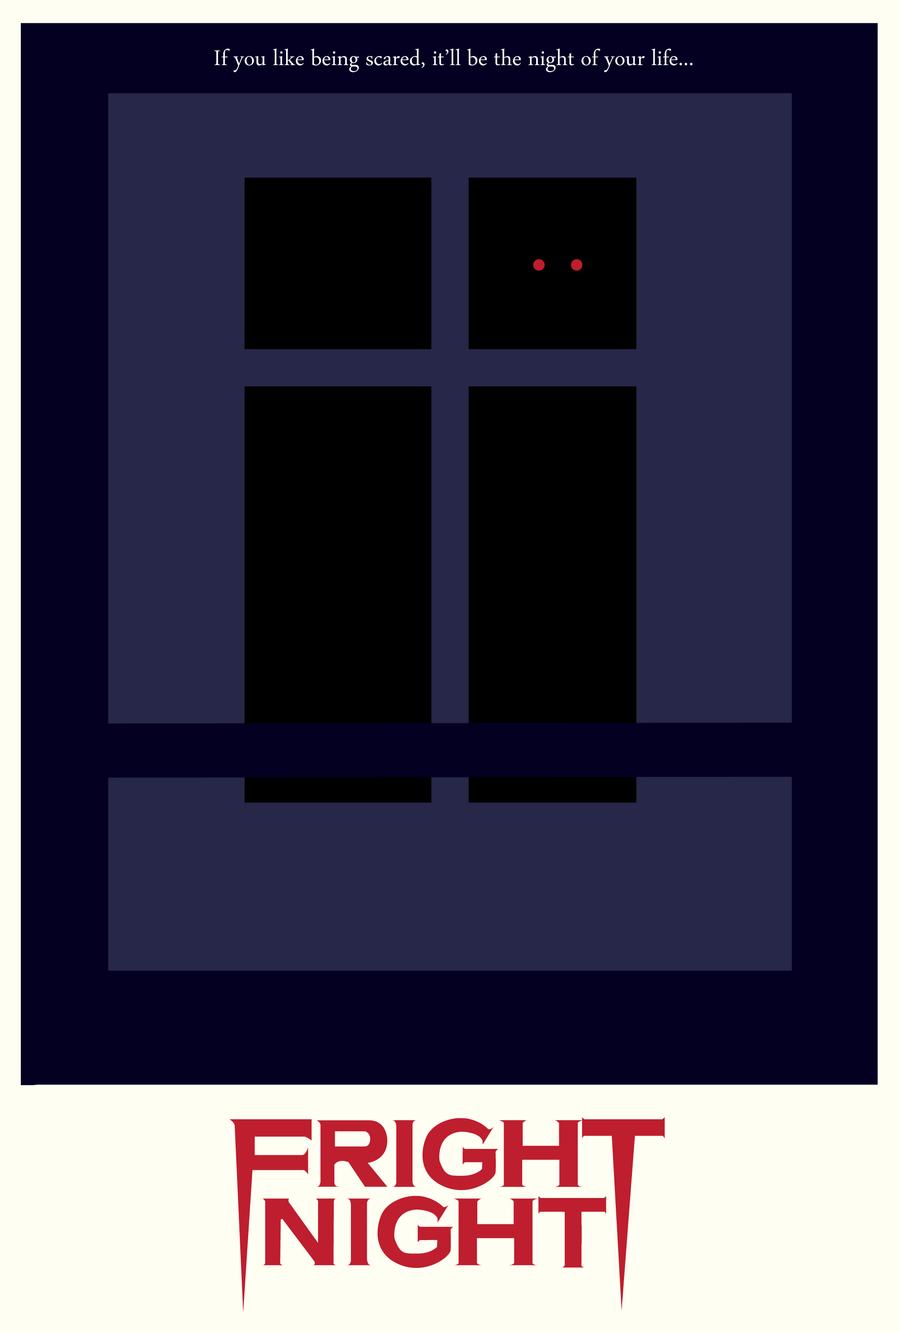 Fright Night Poster -1985- by MarcelisKhaldern on DeviantArt